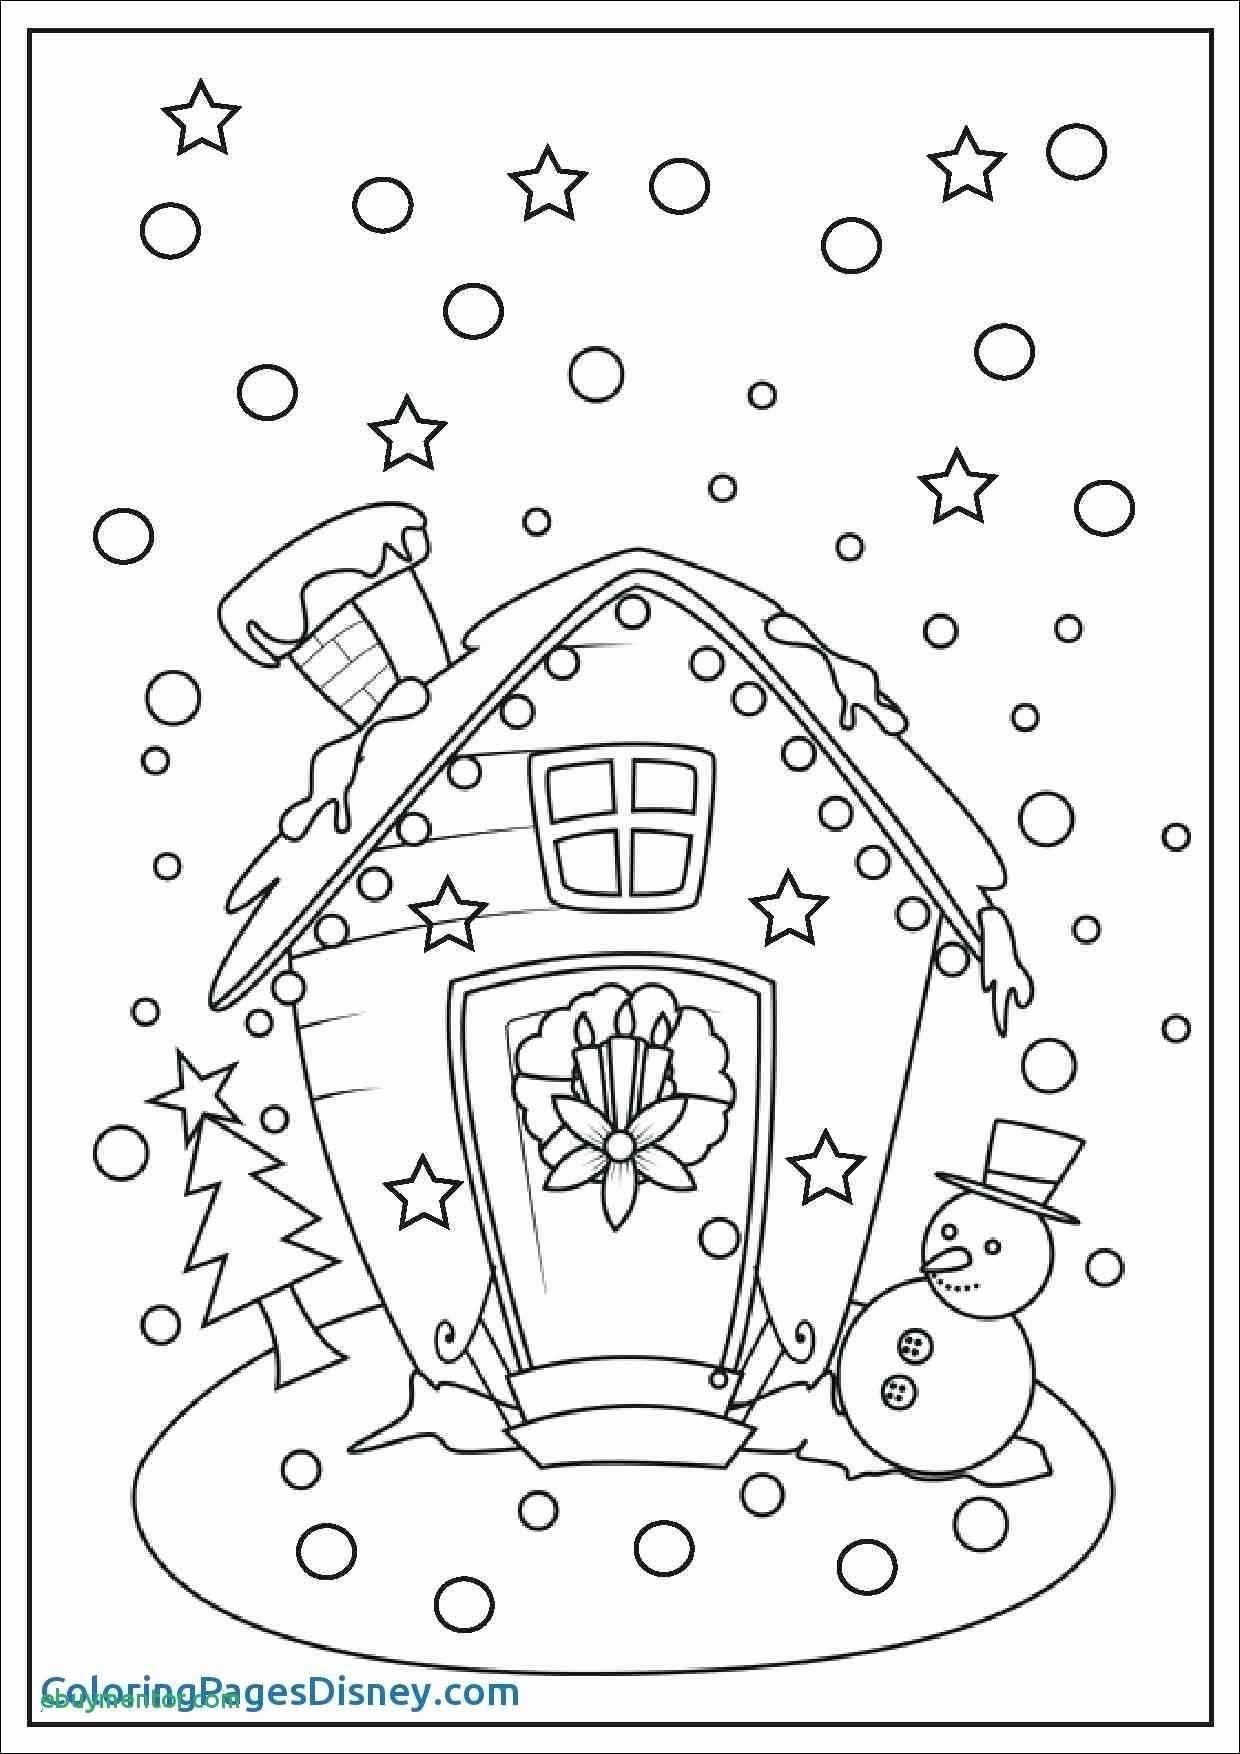 Ausmalbilder Weihnachten Disney Zum Ausdrucken Neu Weihnachtsmandalas Zum Ausdrucken Brillant Schwere Mandalas Das Bild